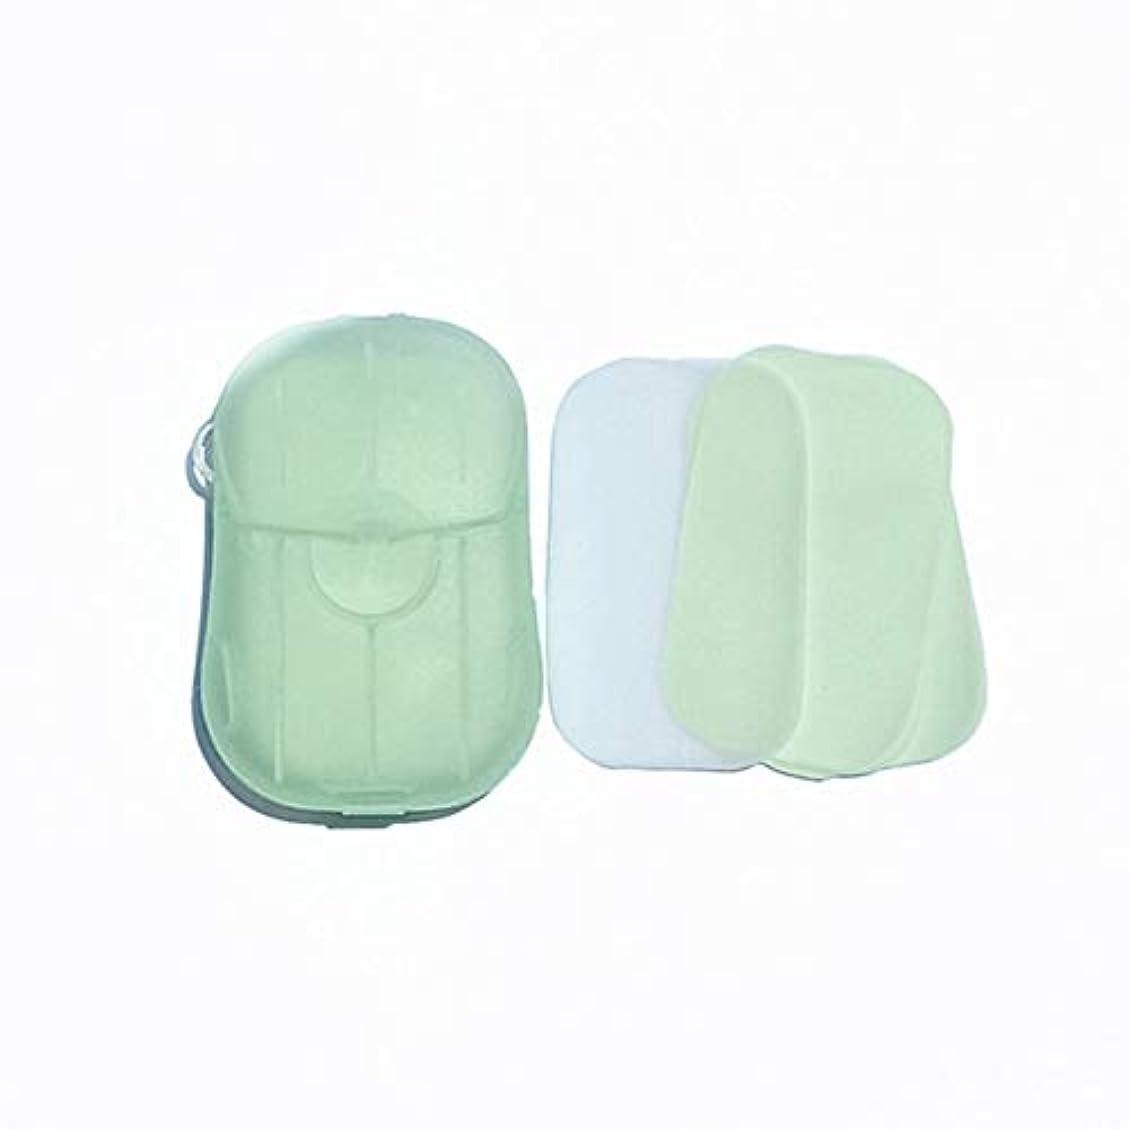 開業医機械的に設計図Feglin-joy ペーパーソープ せっけん紙 除菌 石鹸 手洗い お風呂 旅行携帯用 紙せっけん かみせっけん 香り 20枚入 ケース付き(よもぎ)